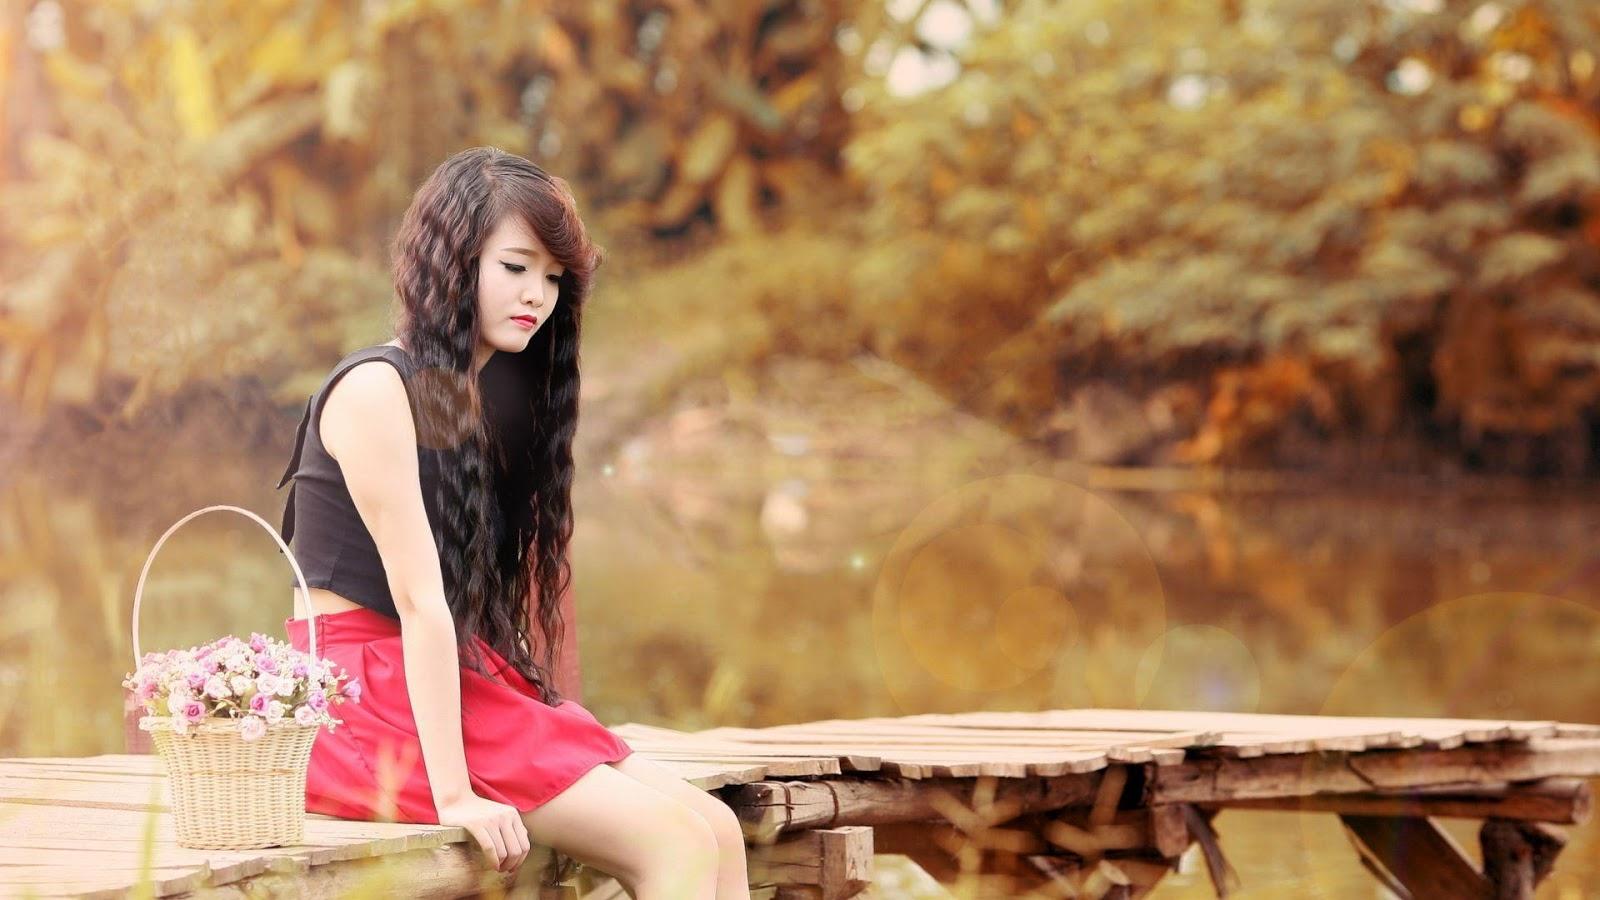 wp1863141 - SAD GIRLS PHOTOS HD(All Indian Hd Sad Girls Photos)